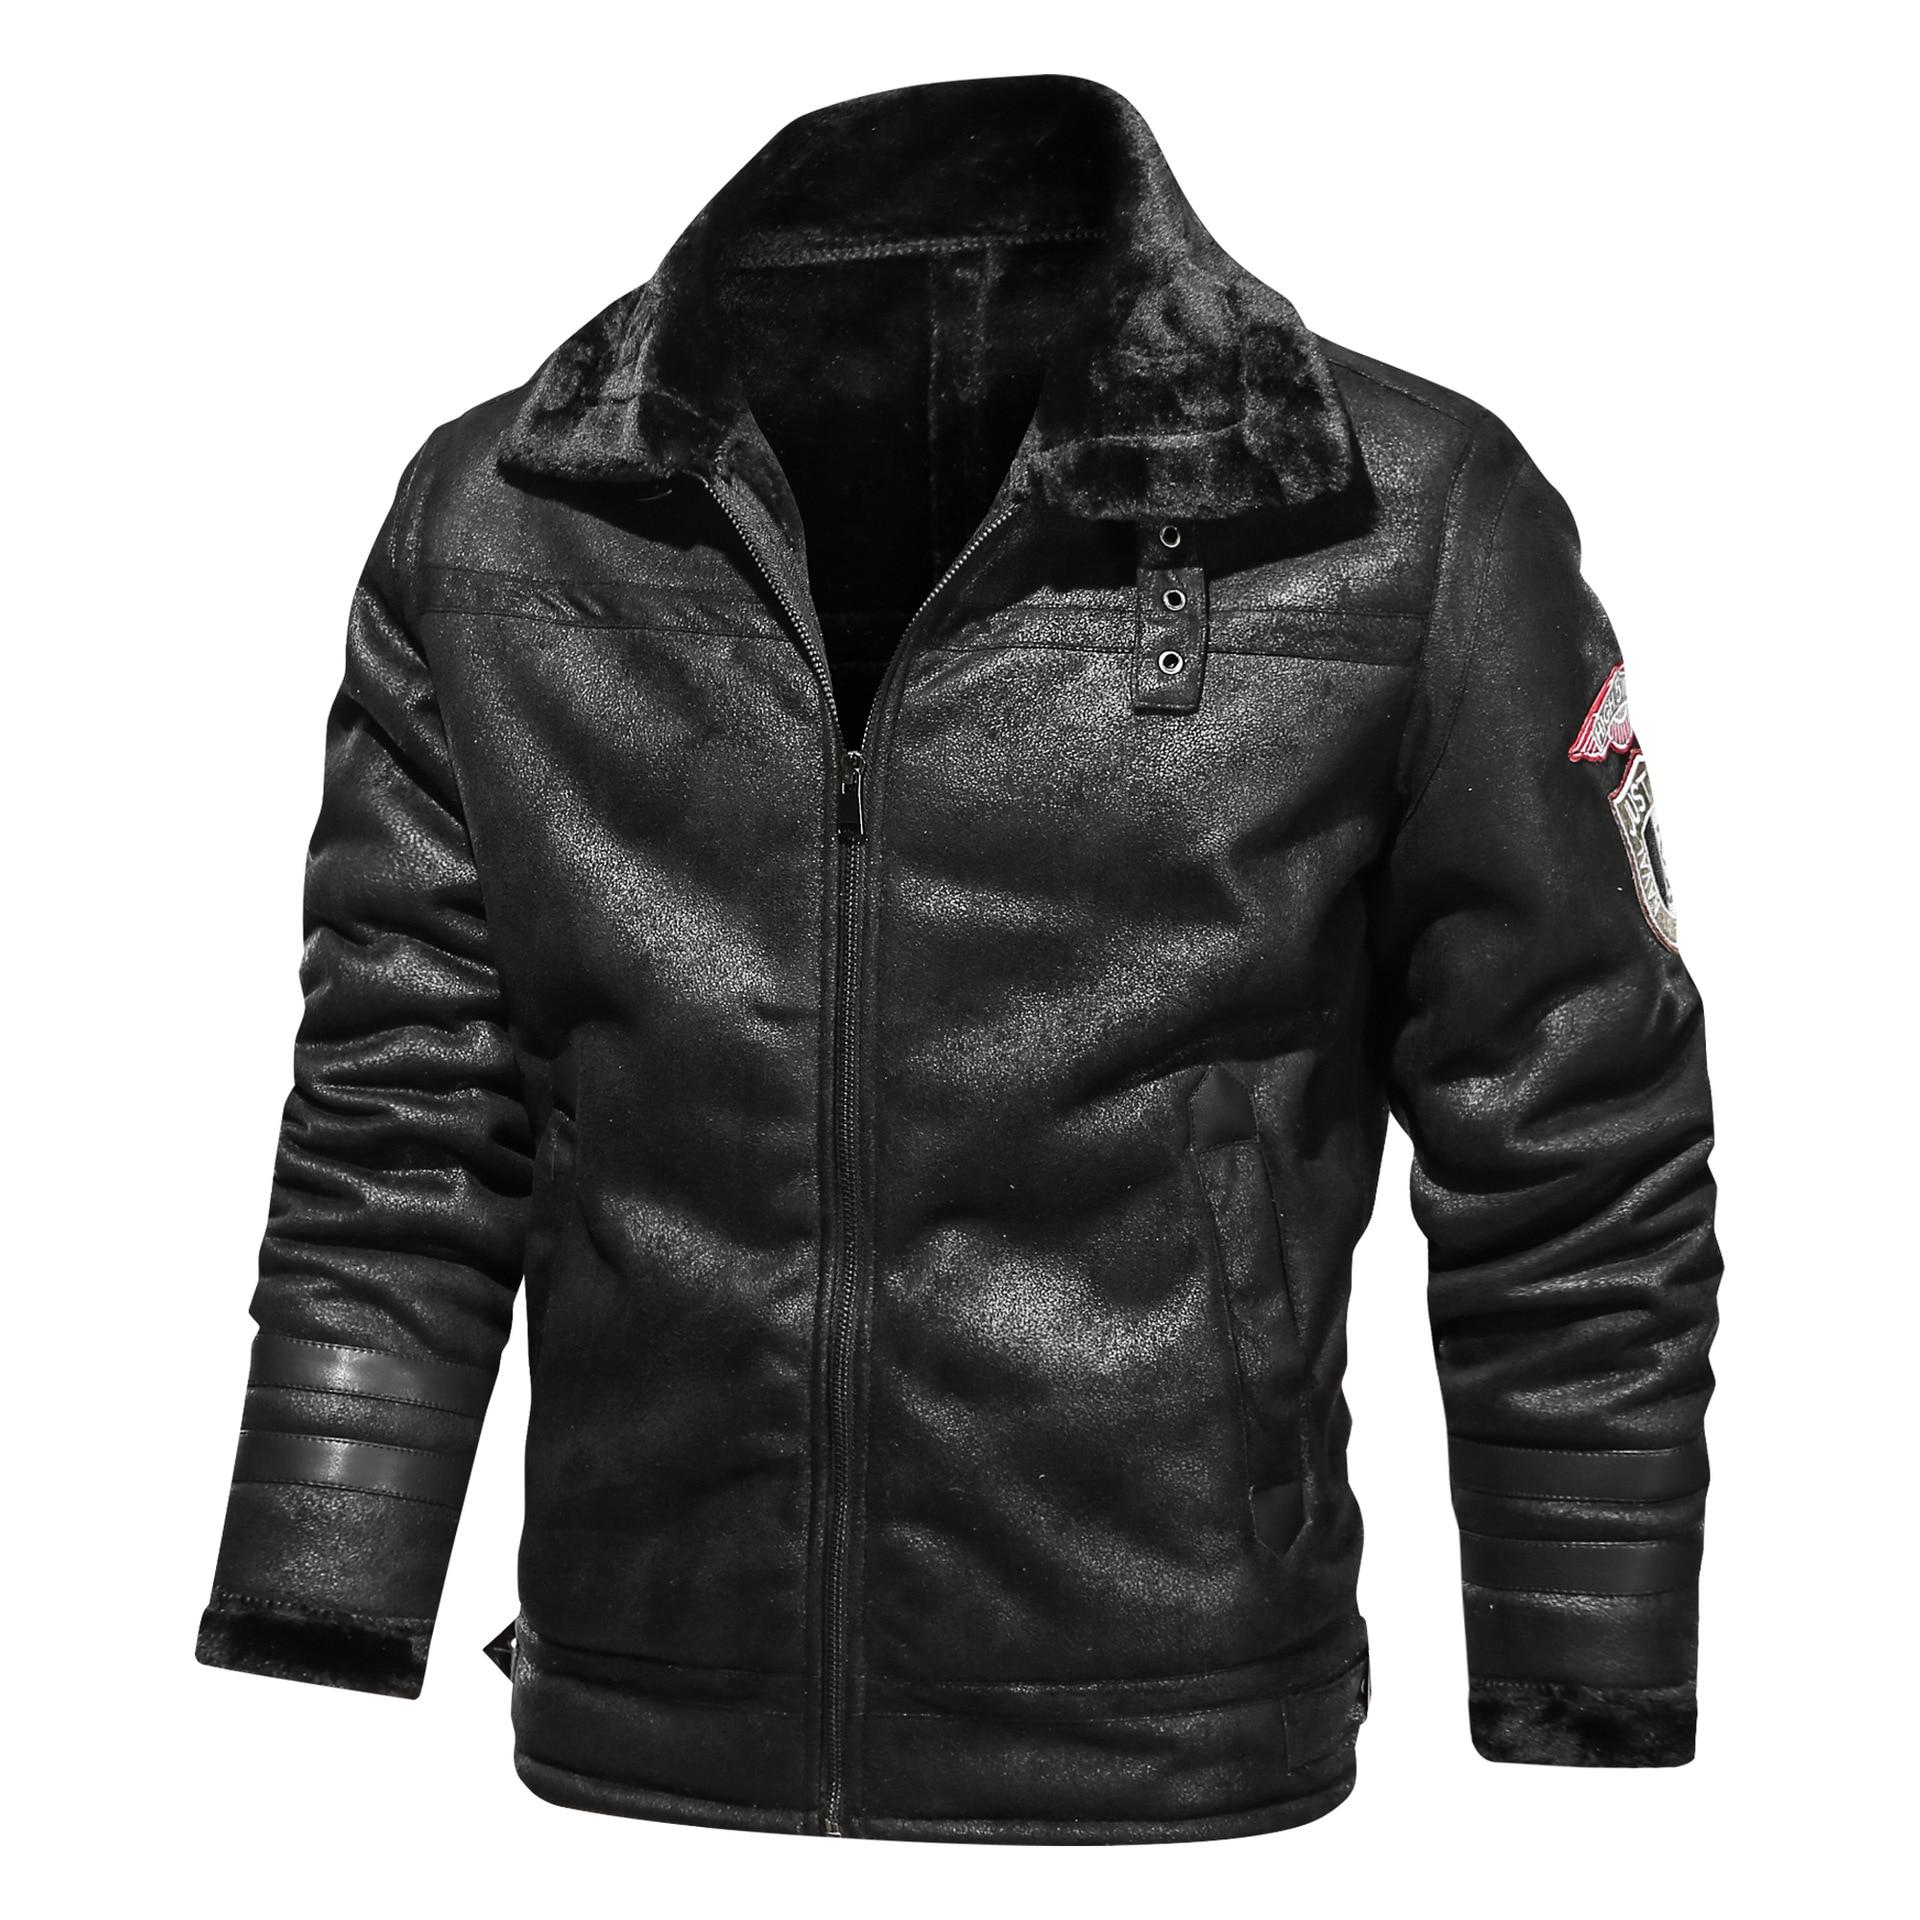 معطف فرو بني للرجال ، ملابس شتوية ، سميك ، كبير ، للترفيه ، دراجة نارية ، عتيق ، 2020